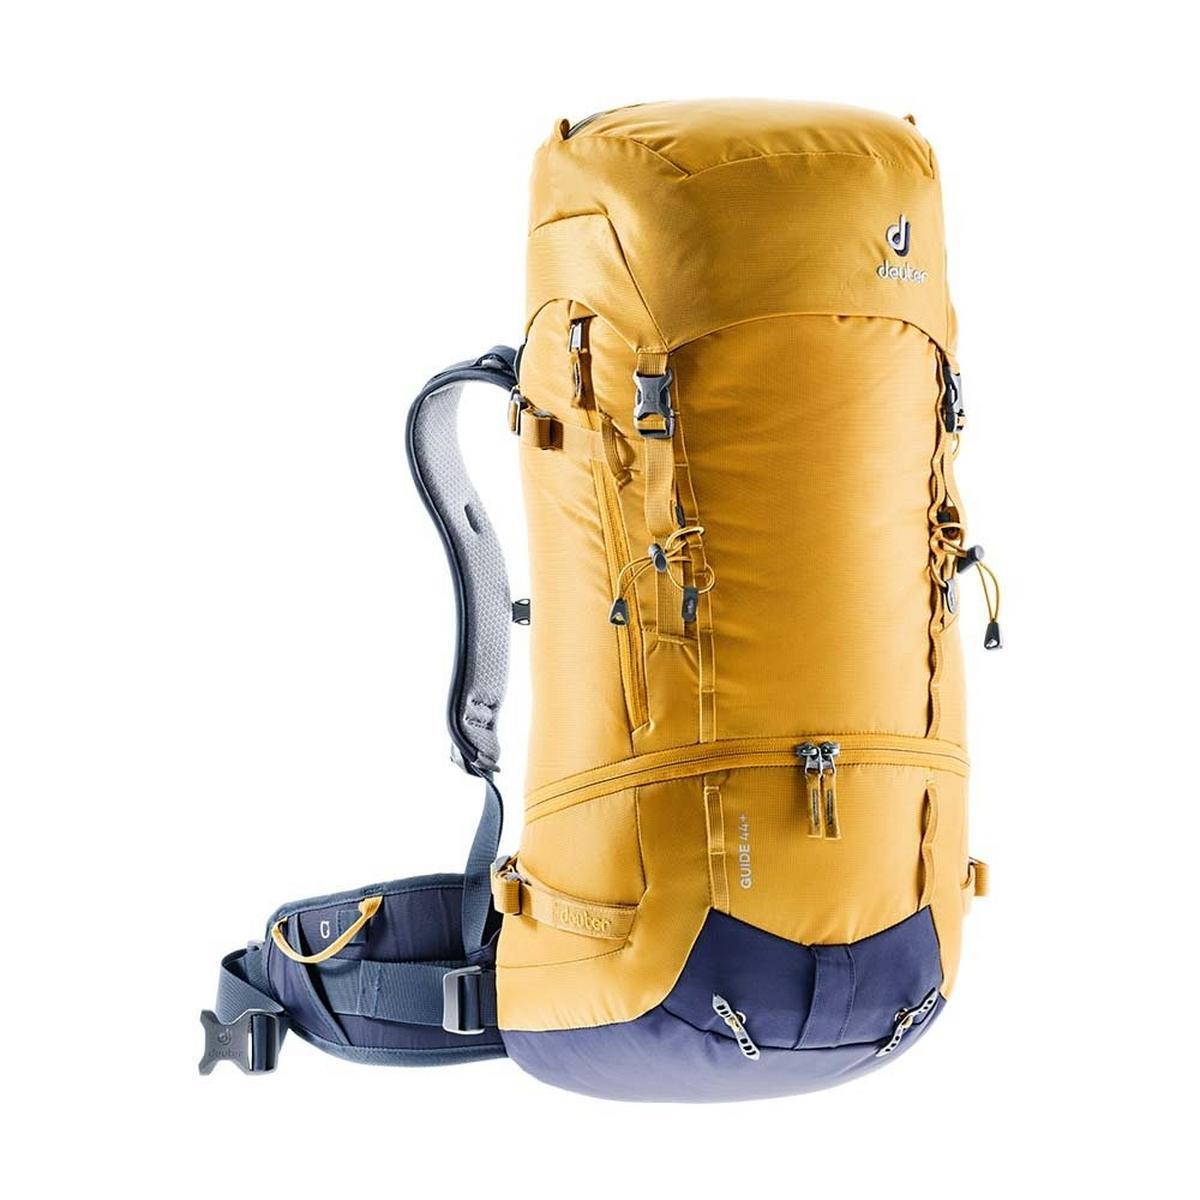 Deuter Guide 44 + 8L Rucksack - Yellow